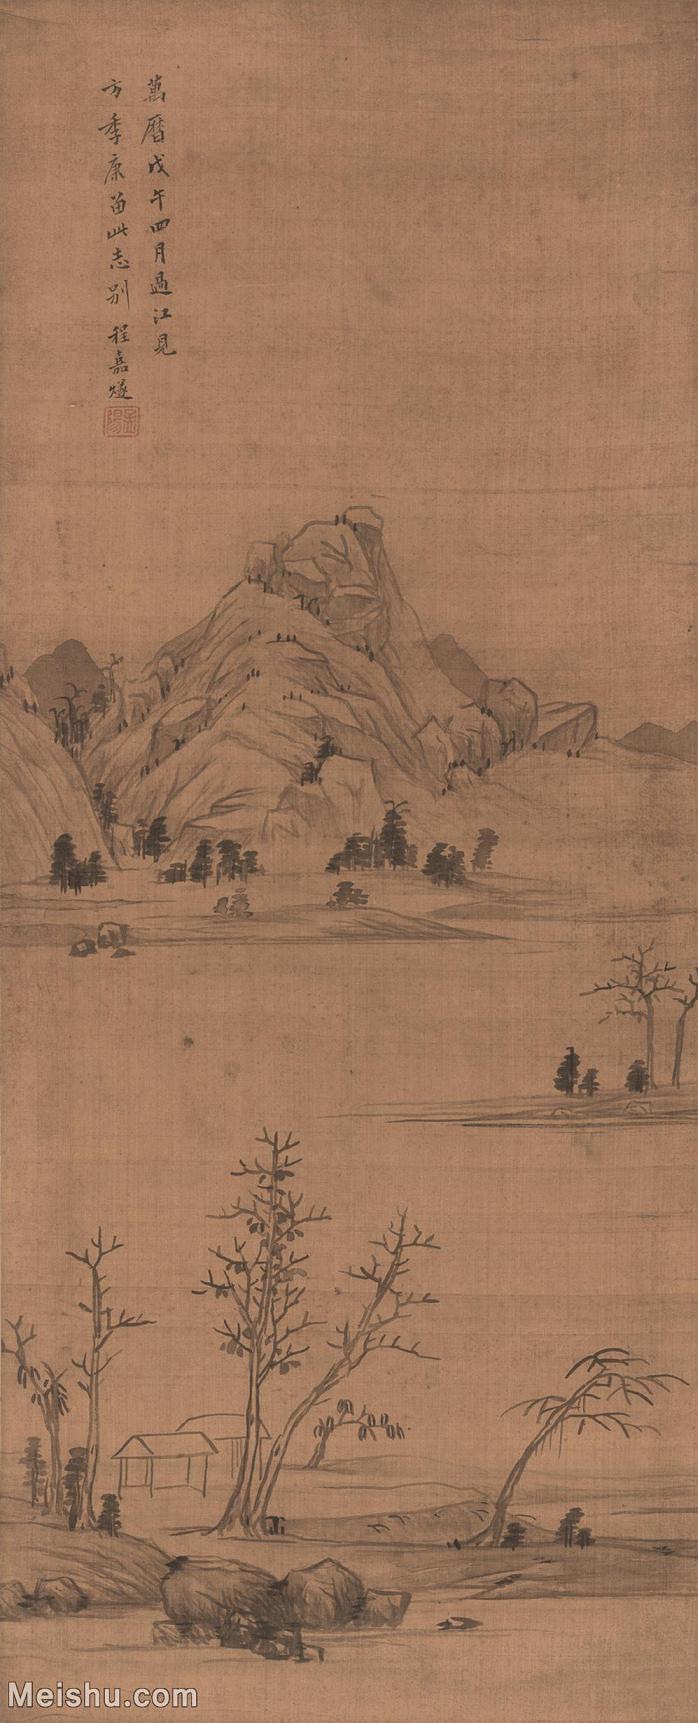 【打印级】GH6088217古画山水风景远山古屋图-明-程嘉燧-绢本-30x74-50x123.5-河洲远山林立轴图片-